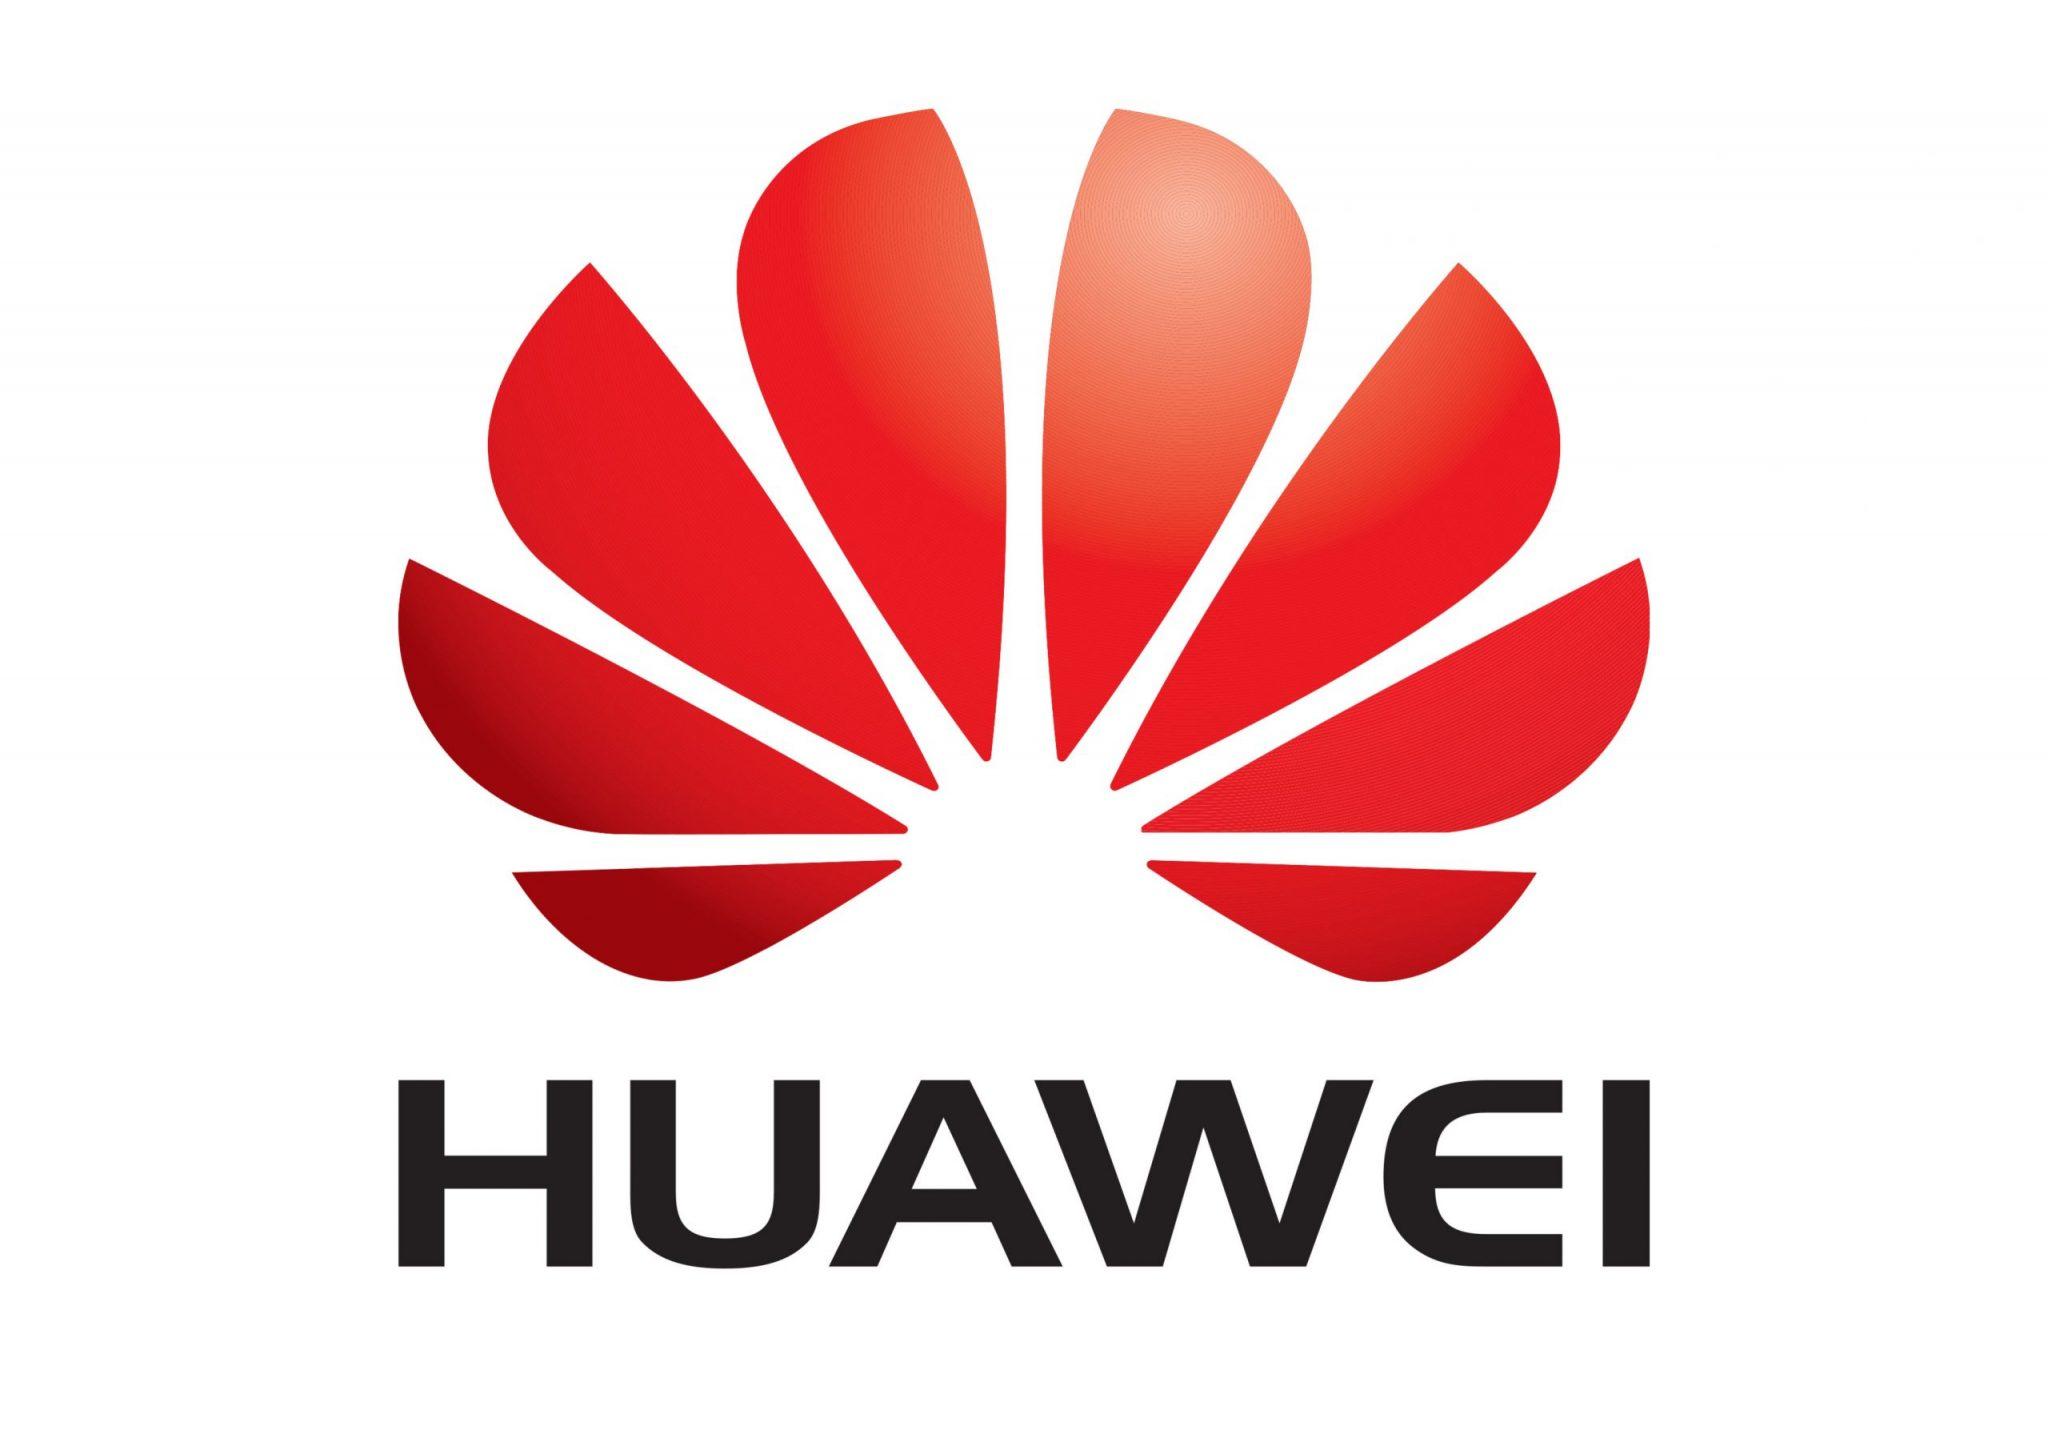 Slide Webinar Huawei Del 28 Settembre 2020 – Presentazione Nuovo Inverter Huawei SUN2000 L1 E Il Nuovo Ottimizzatore.